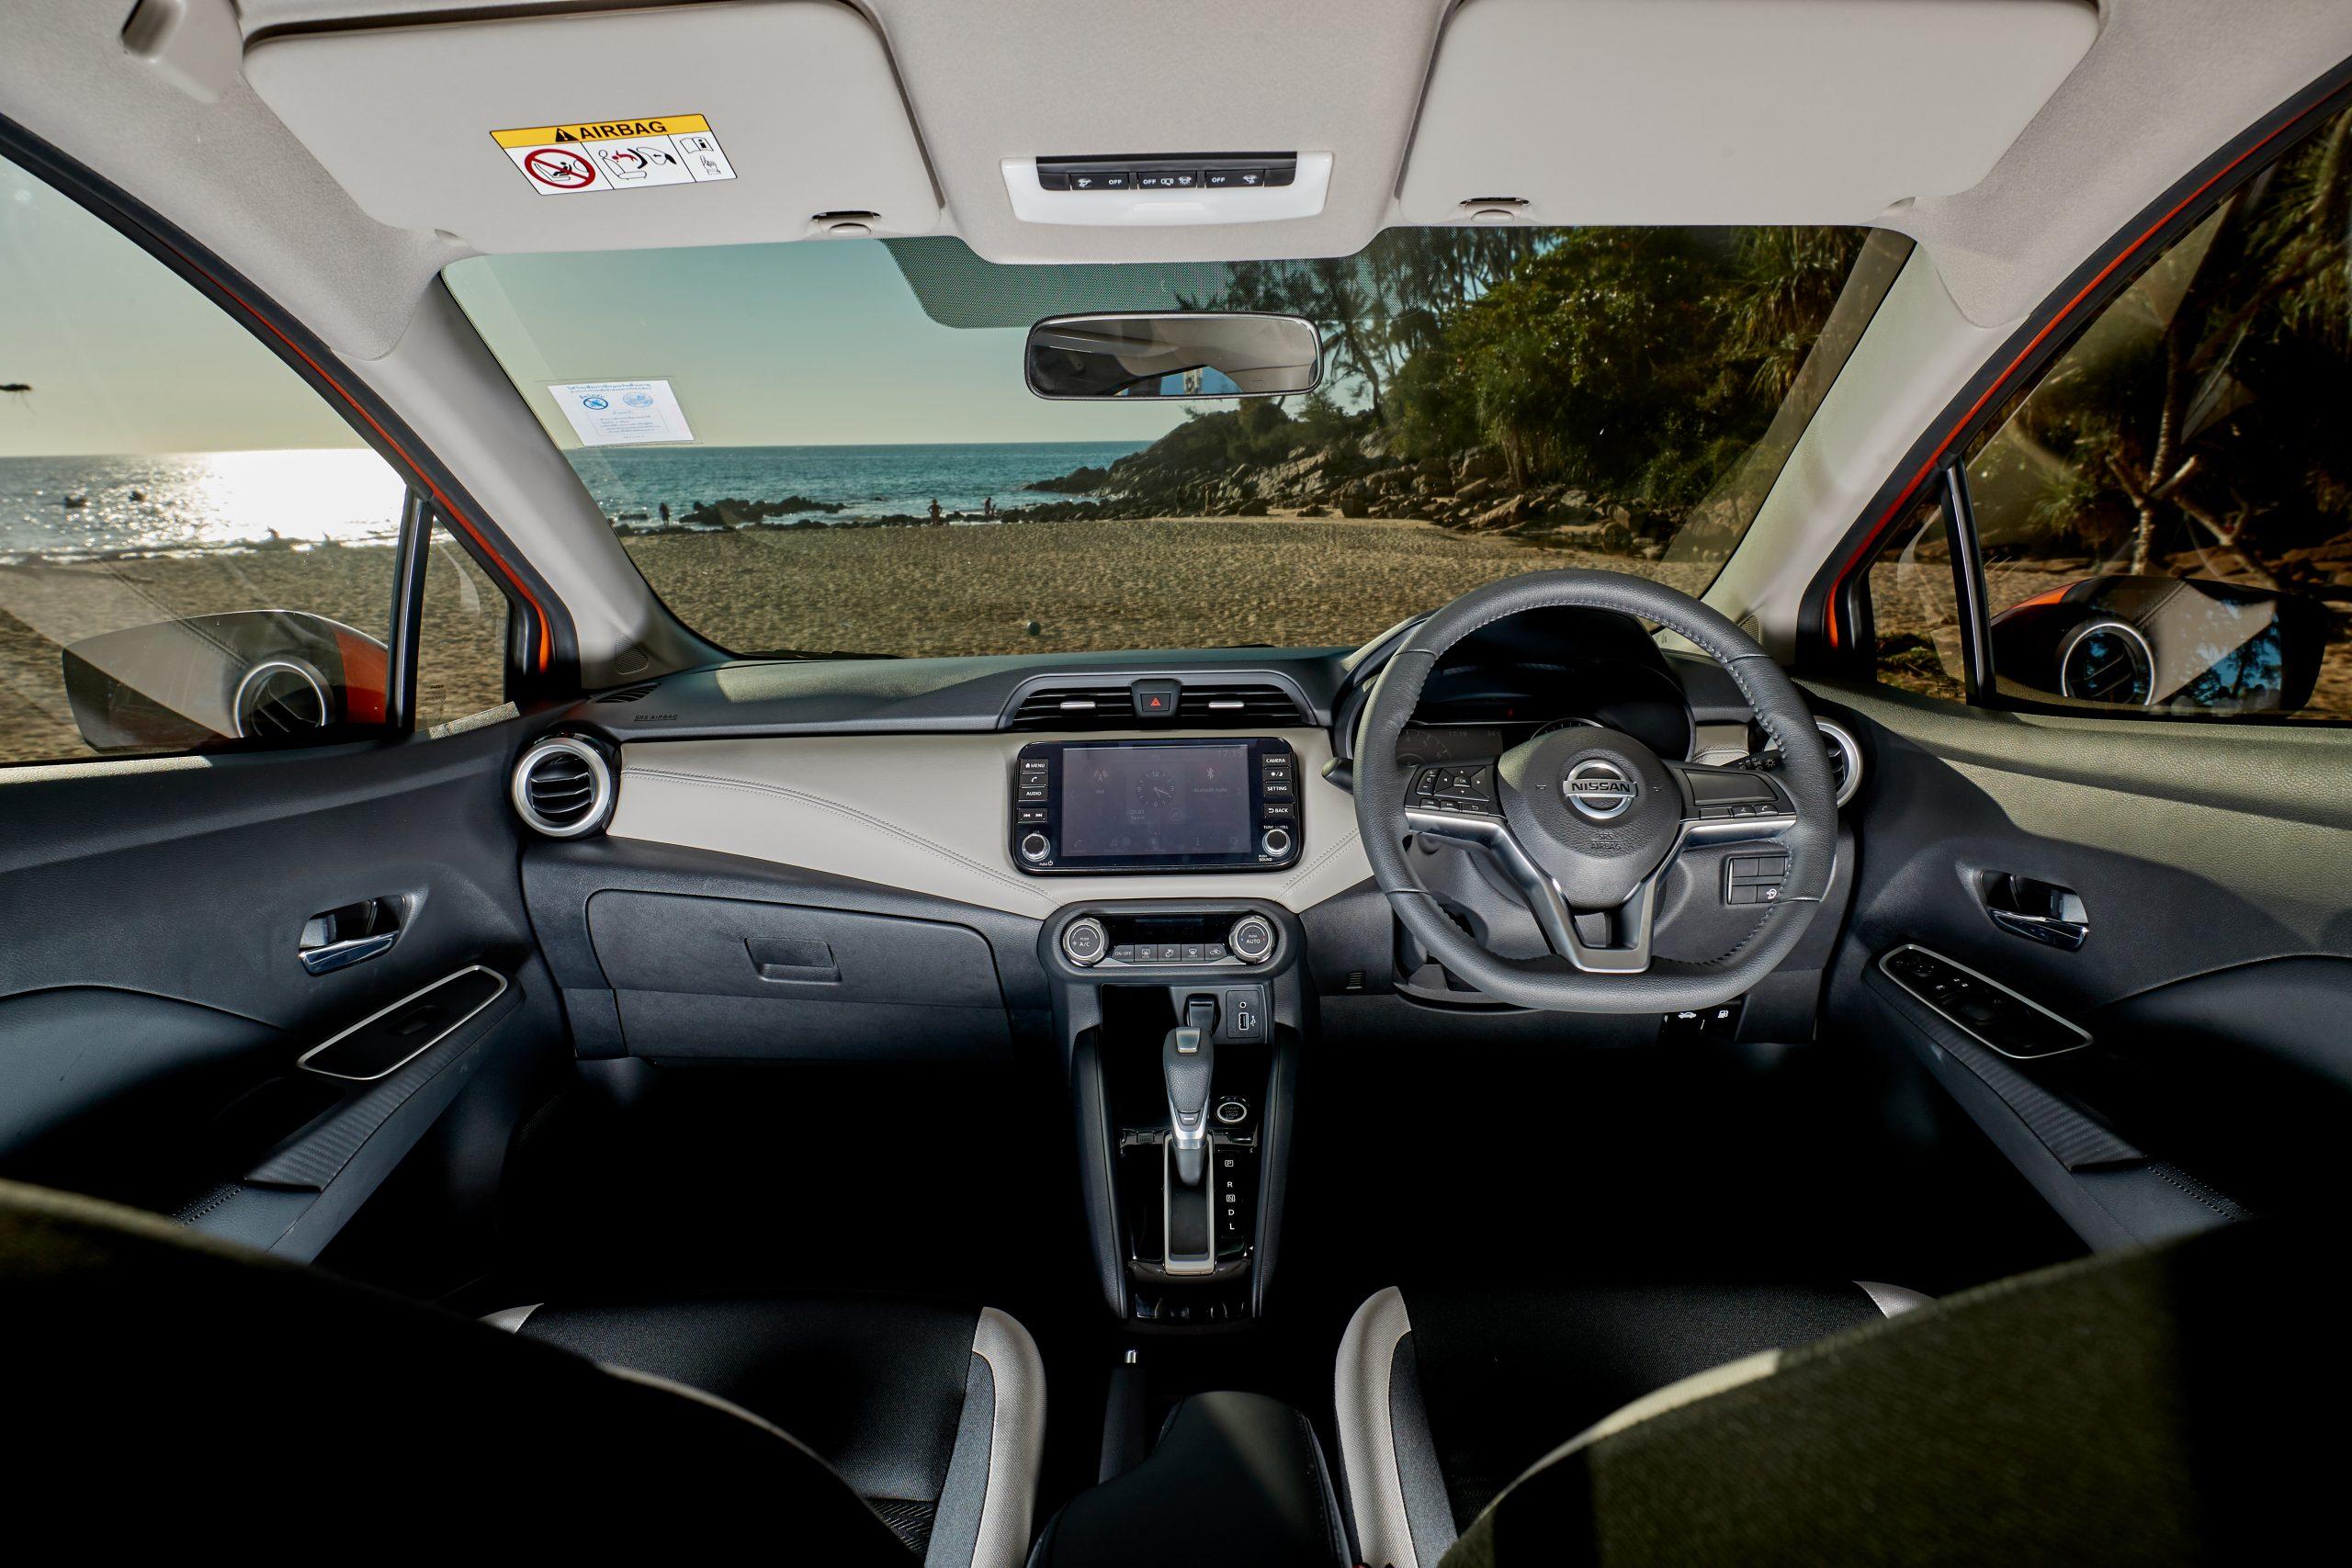 รีวิวรถใหม่ 2020 : คุยหลังขับ นิสสัน อัลเมร่า เทอร์โบ โฉมใหม่